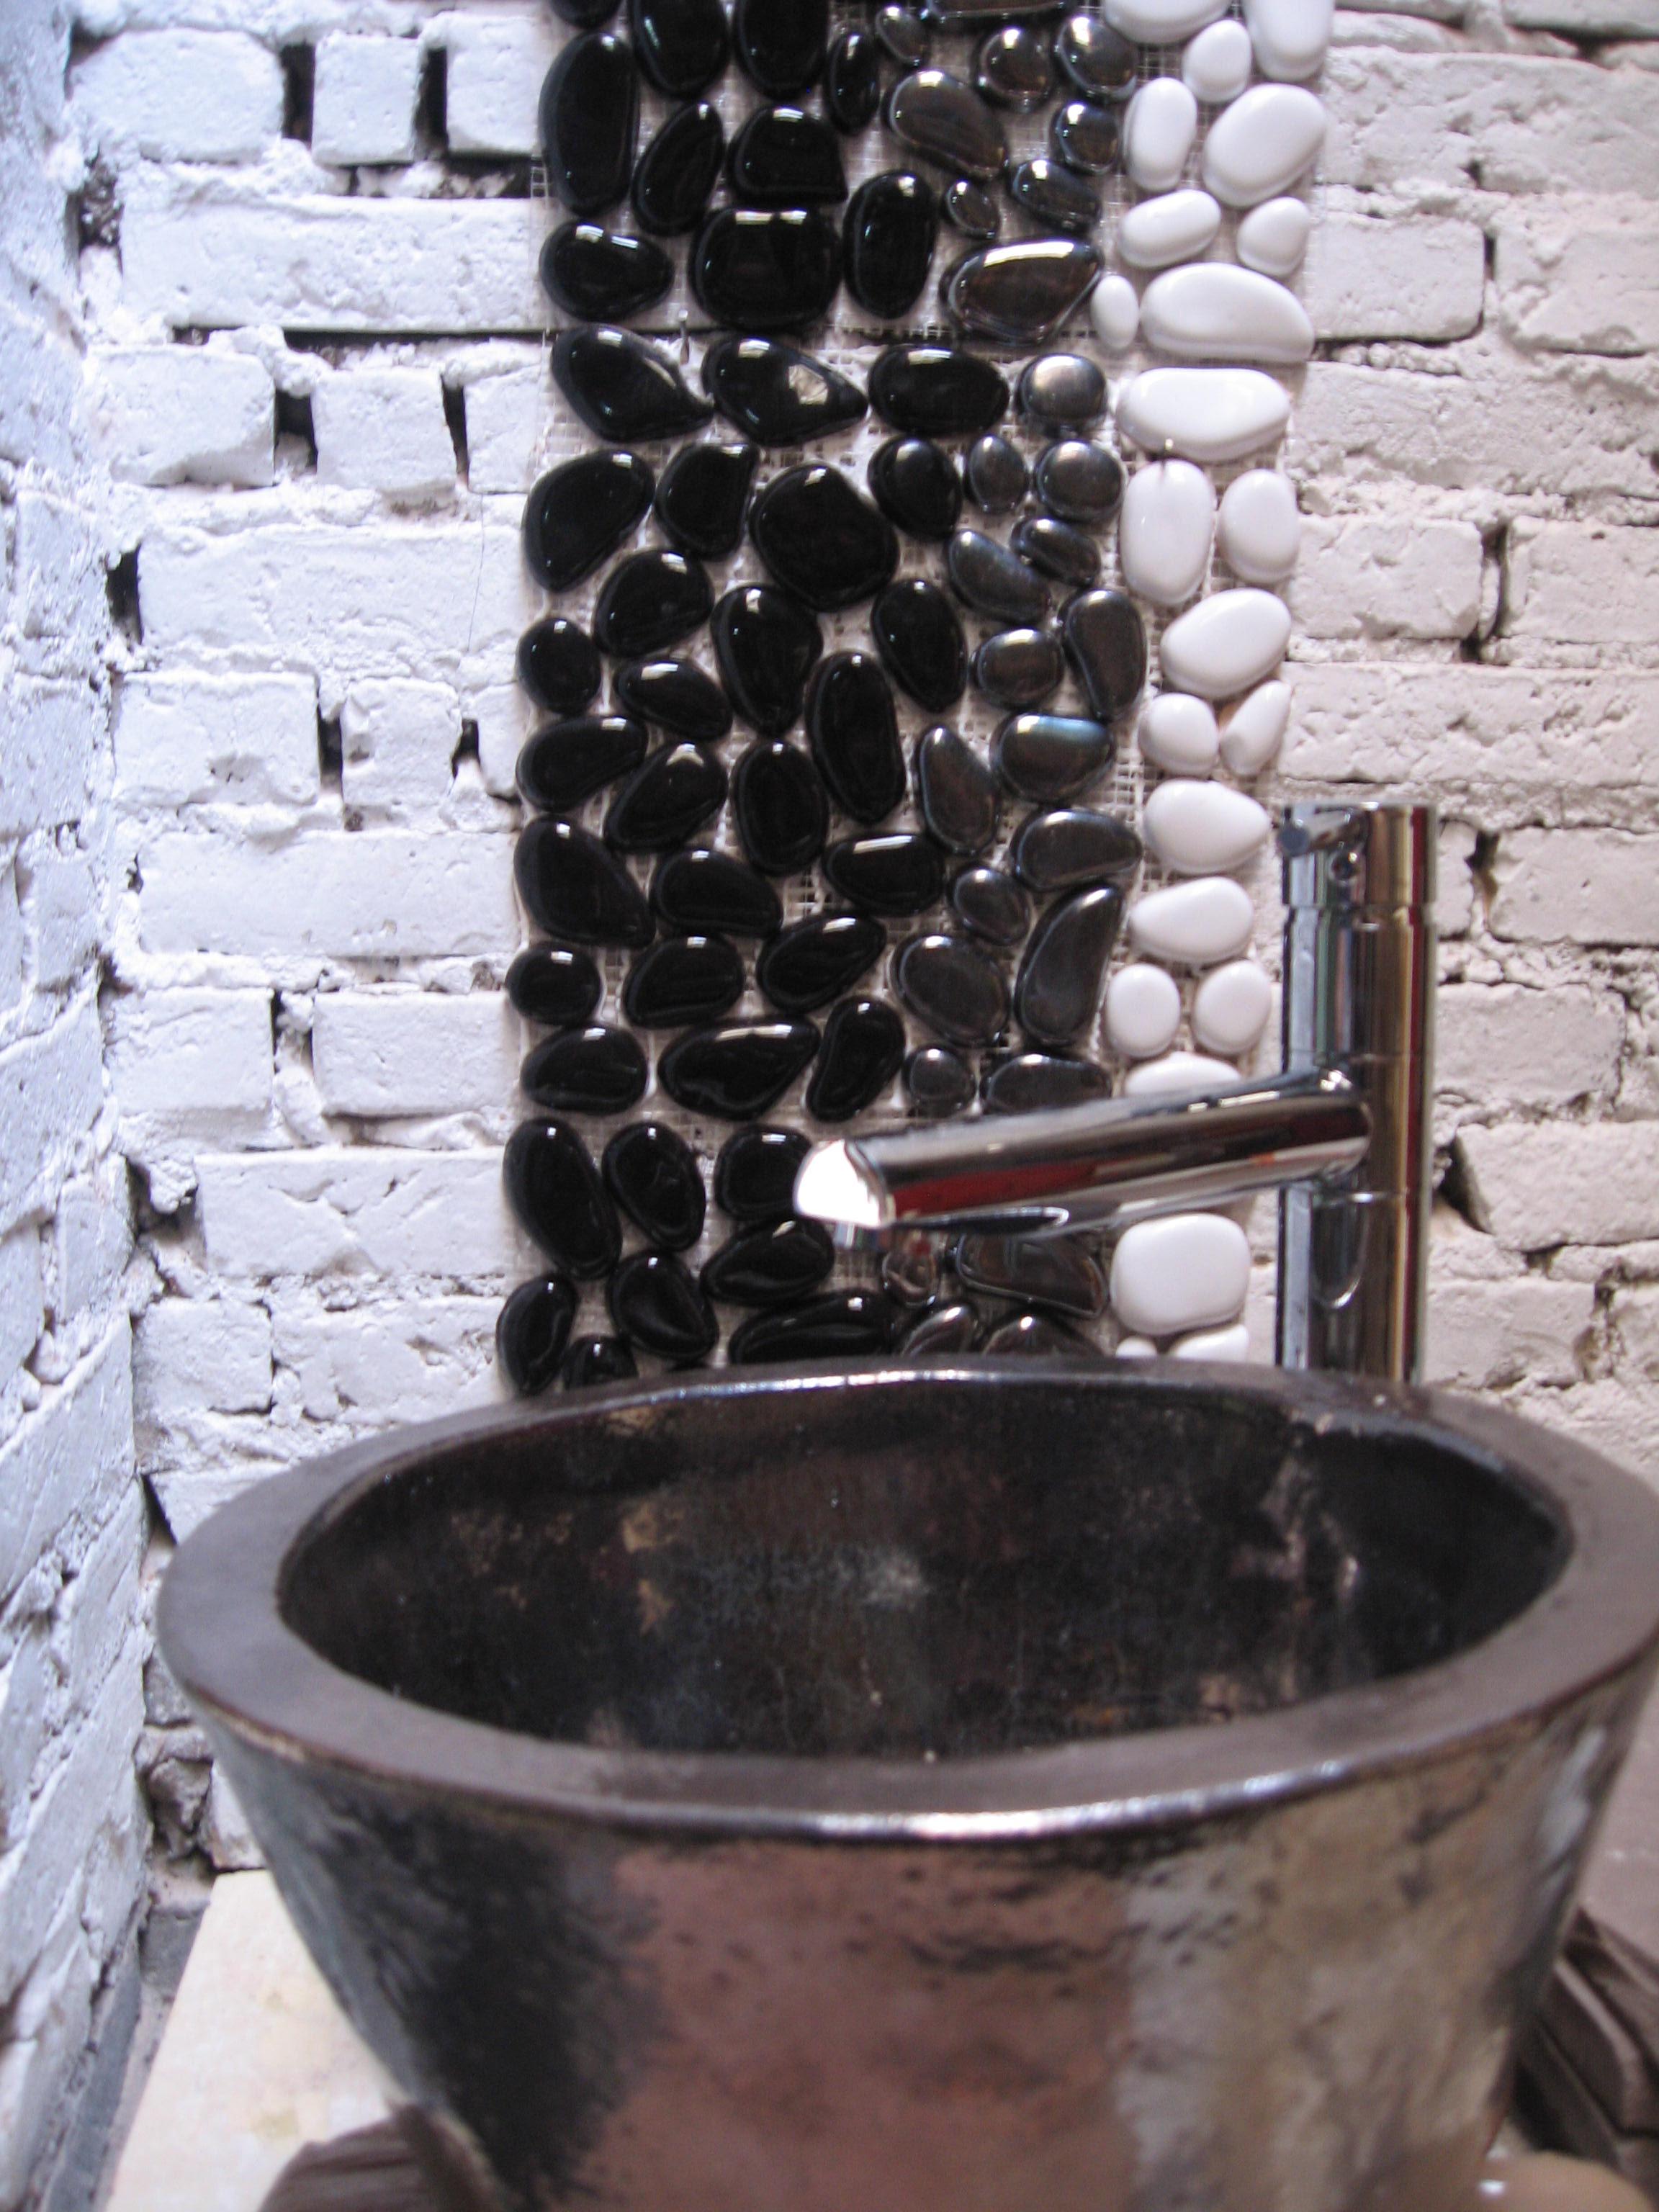 Sinks glazed